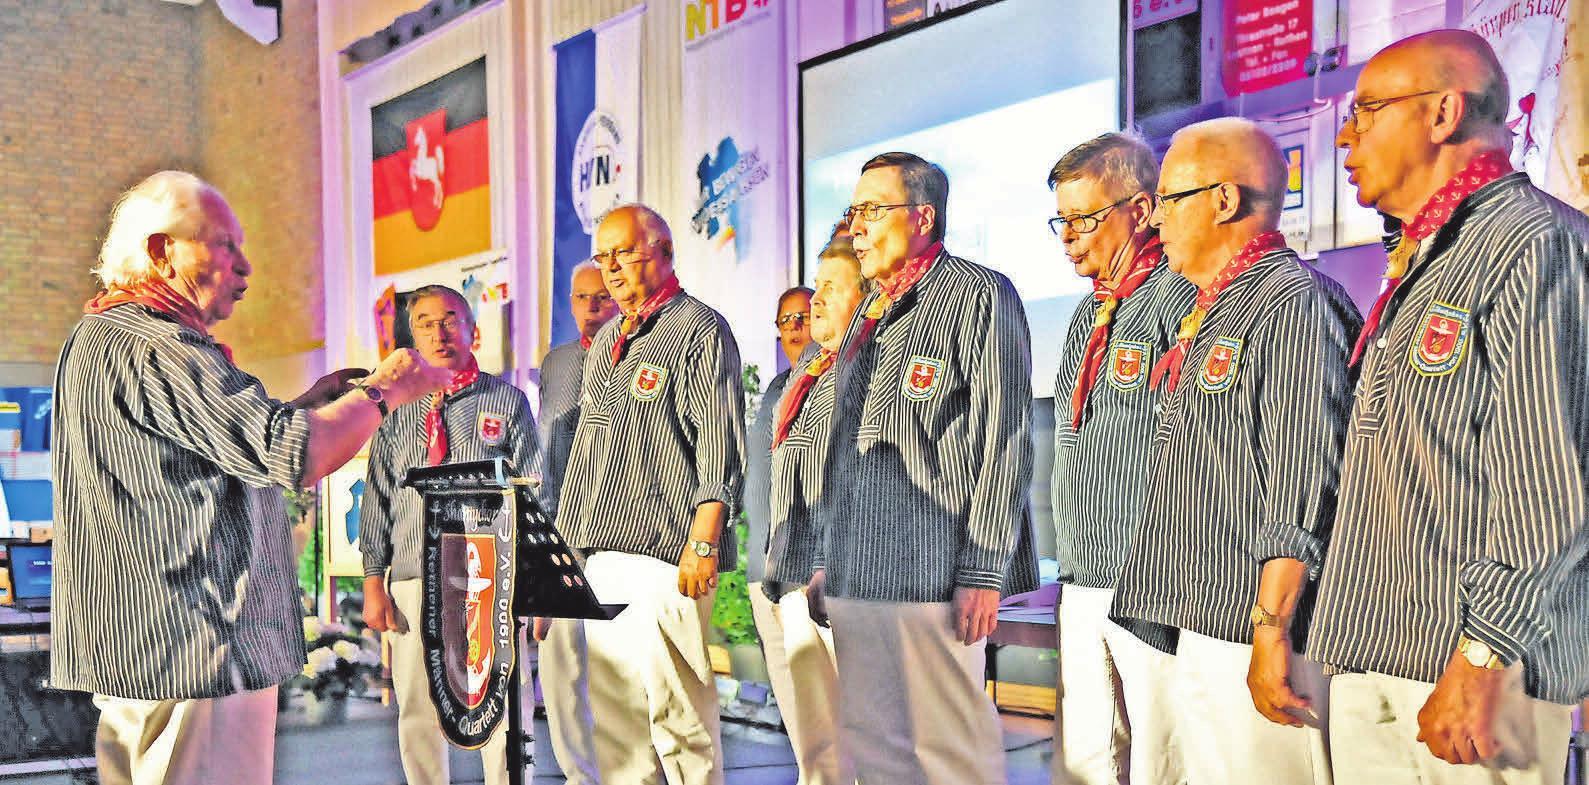 Der Shanty-Chor unter der Leitung von Werner Frenzel stimmt ein Ständchen an. Der Shanty-Chor des Männer-Quartetts singt unter der Leitung von Werner Frenzel in der Grundschule Rethen maritime und populäre Melodien.